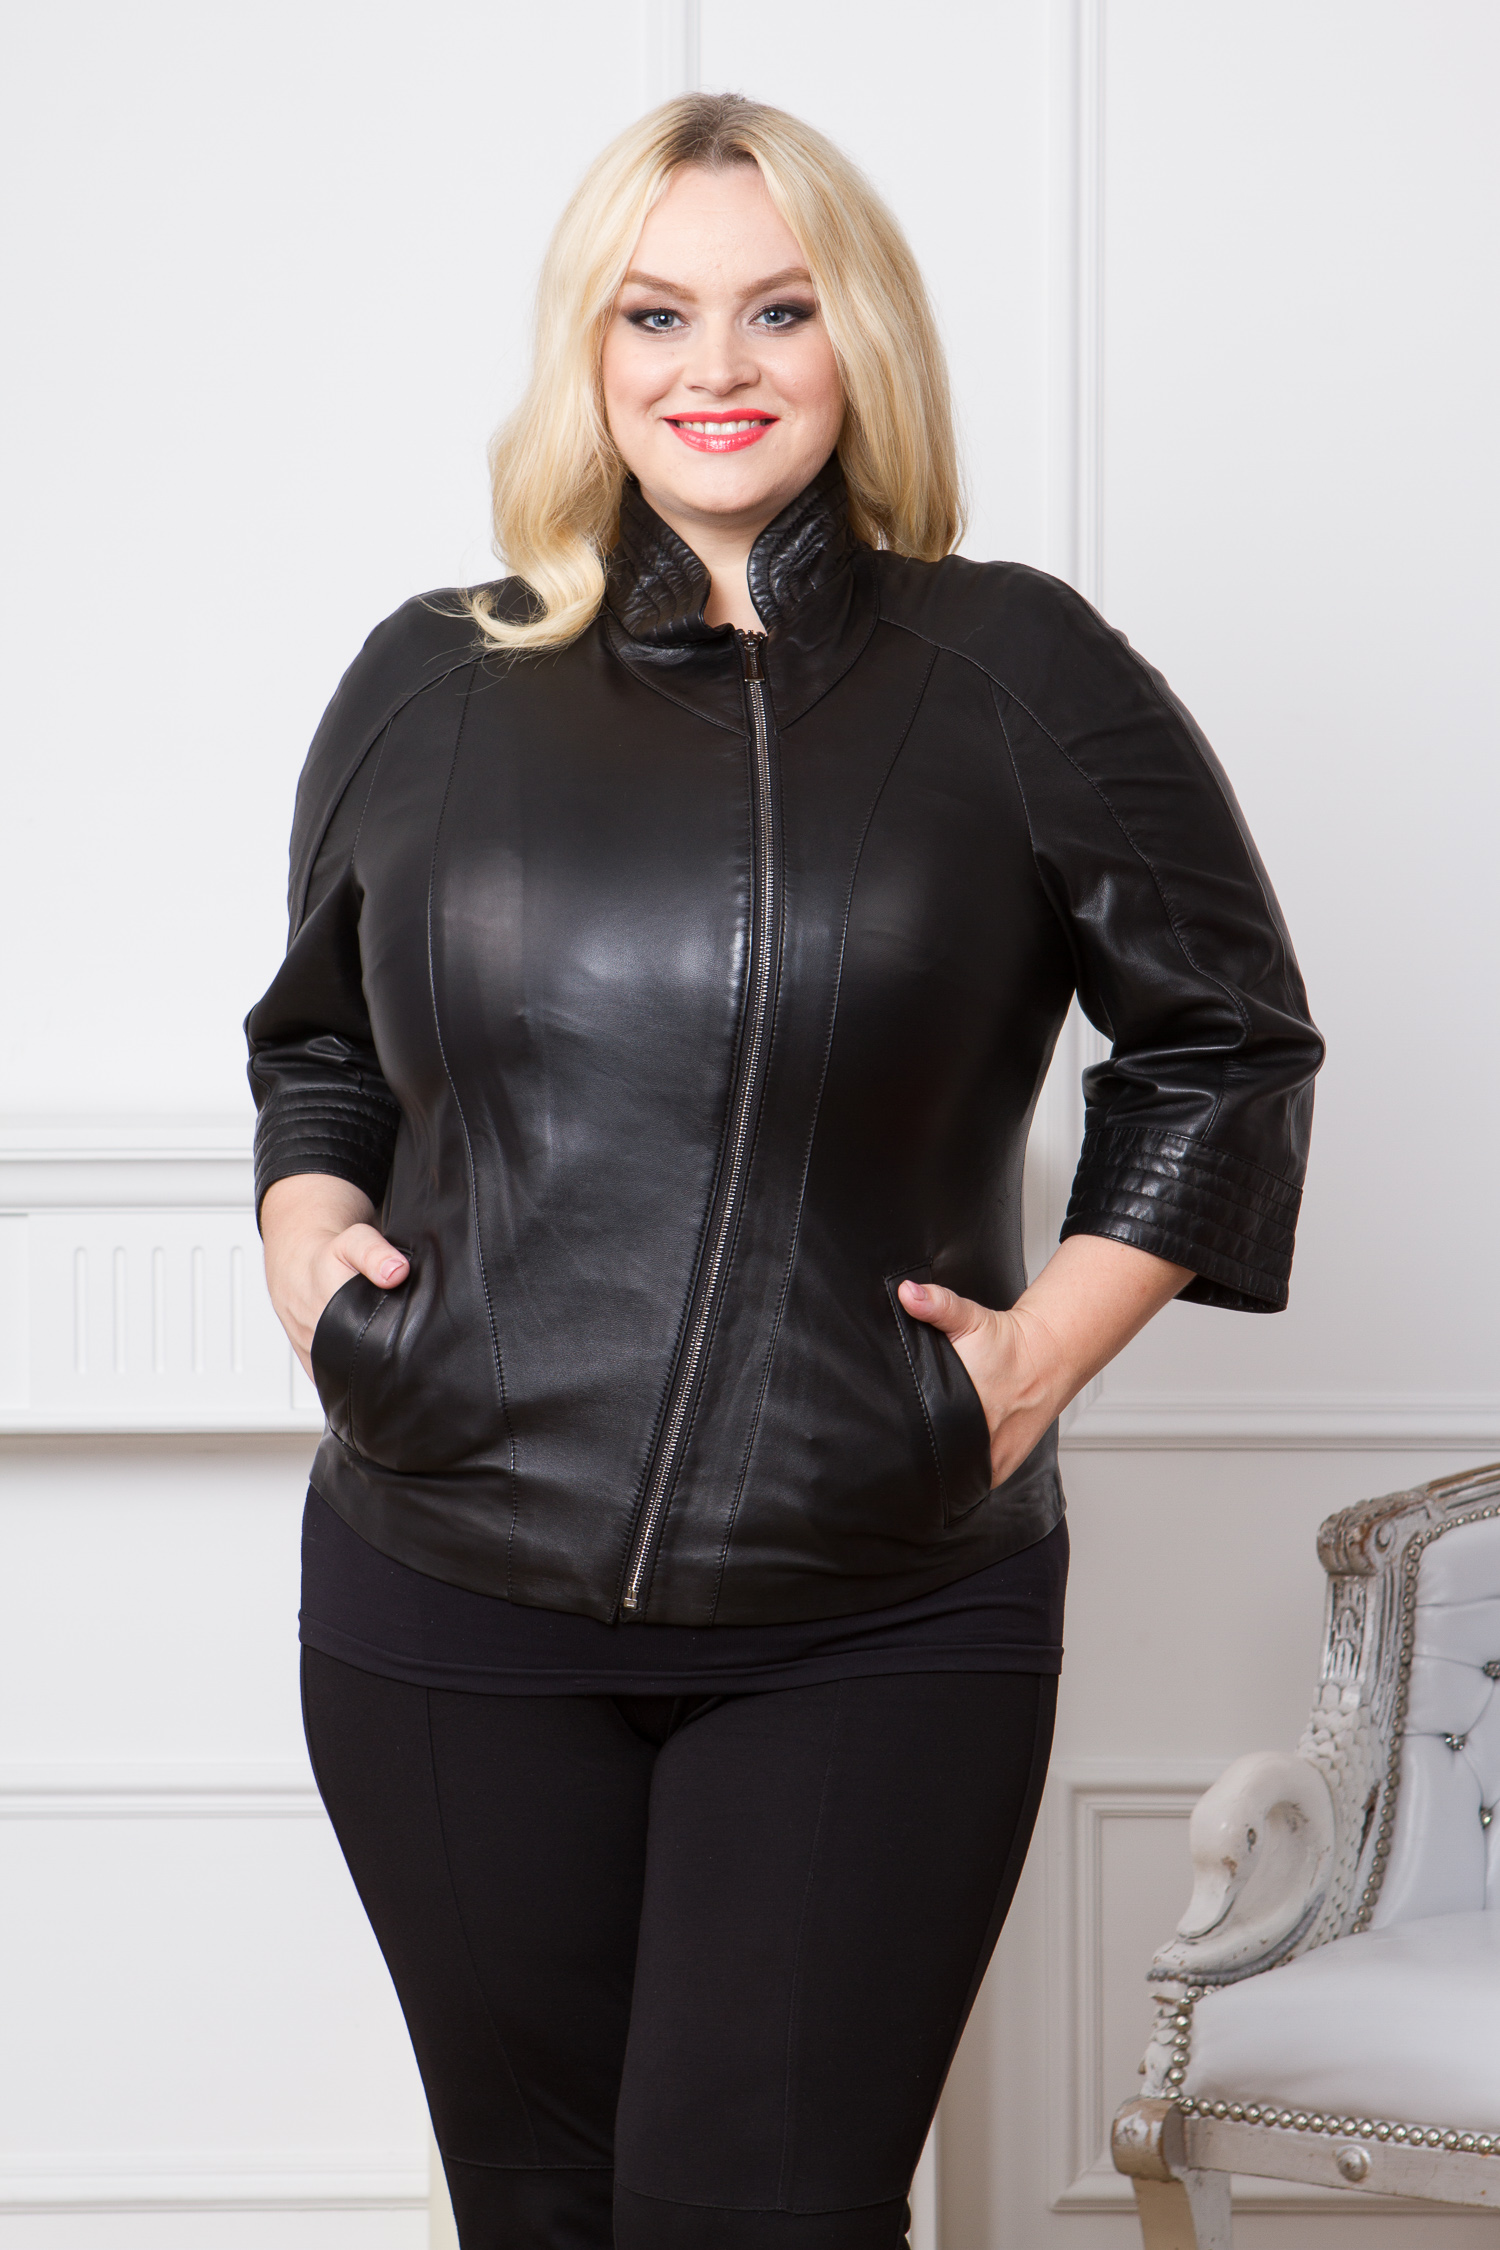 Женская кожаная куртка из натуральной кожи с воротником, без отделкиЦвет - оникс (черный).<br><br>Великолепная кожаная куртка в стиле casual станет основой гардероба осенью или весной. Благодаря лаконичному крою и нейтральному черному цвету, куртка очень хорошо сочетается с джинсами, брюками или платьем. Несмотря на классический фасон и отсутствие крупных деталей, дизайн куртки выглядит очень оригинально. Во многом благодаря необычному воротнику-стойке и укороченным рукавам. Дизайн изделия дополнен ассиметричной молнией и боковыми карманами.<br><br>Воротник: стойка<br>Длина см: Короткая (51-74 )<br>Материал: Кожа овчина<br>Цвет: черный<br>Вид застежки: косая<br>Застежка: на молнии<br>Пол: Женский<br>Размер RU: 52